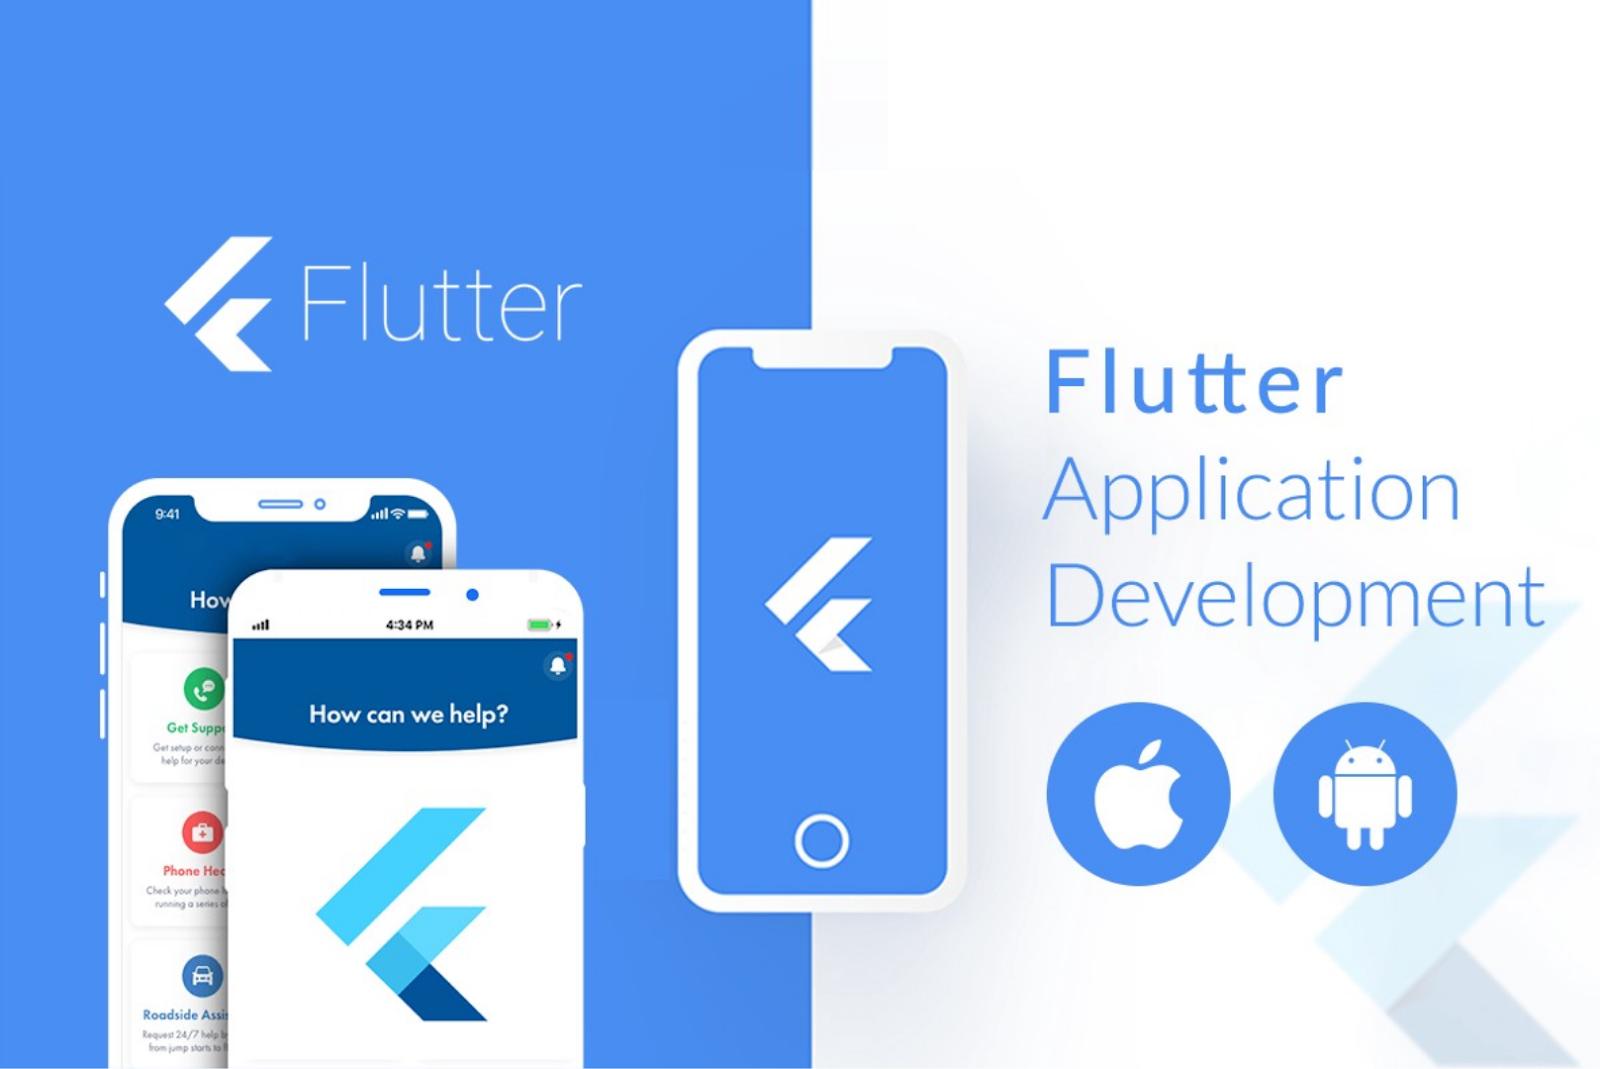 flutter application development